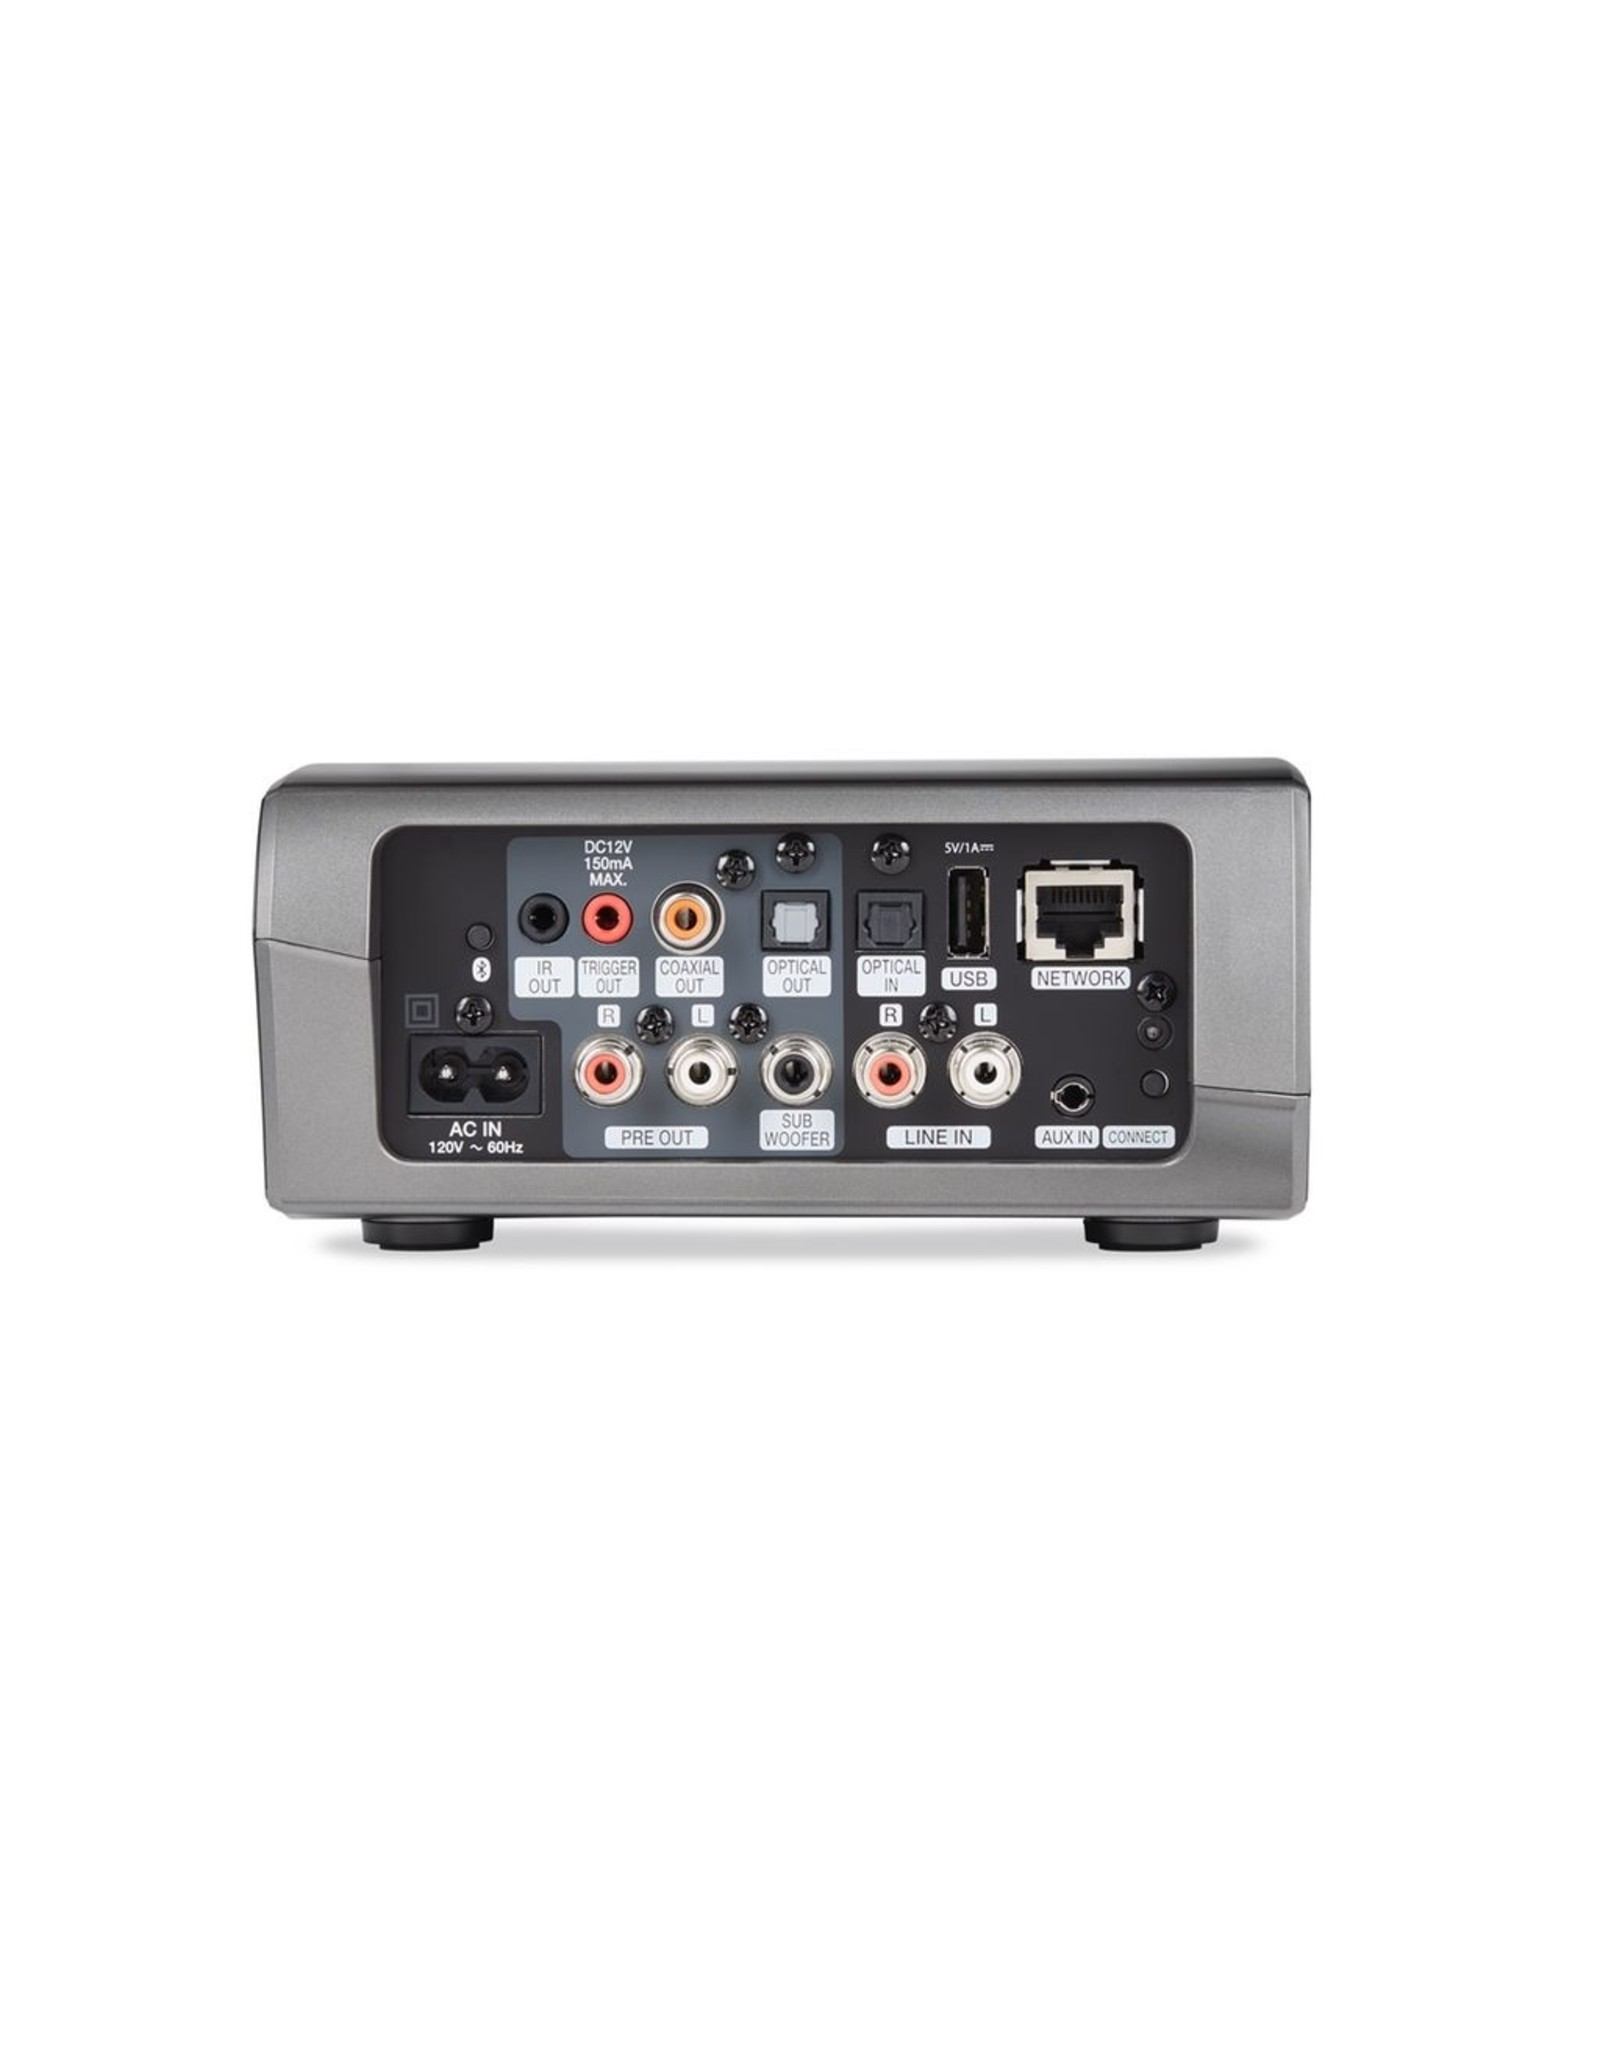 HEOS HEOS Link HS2 Network Pre amplifier